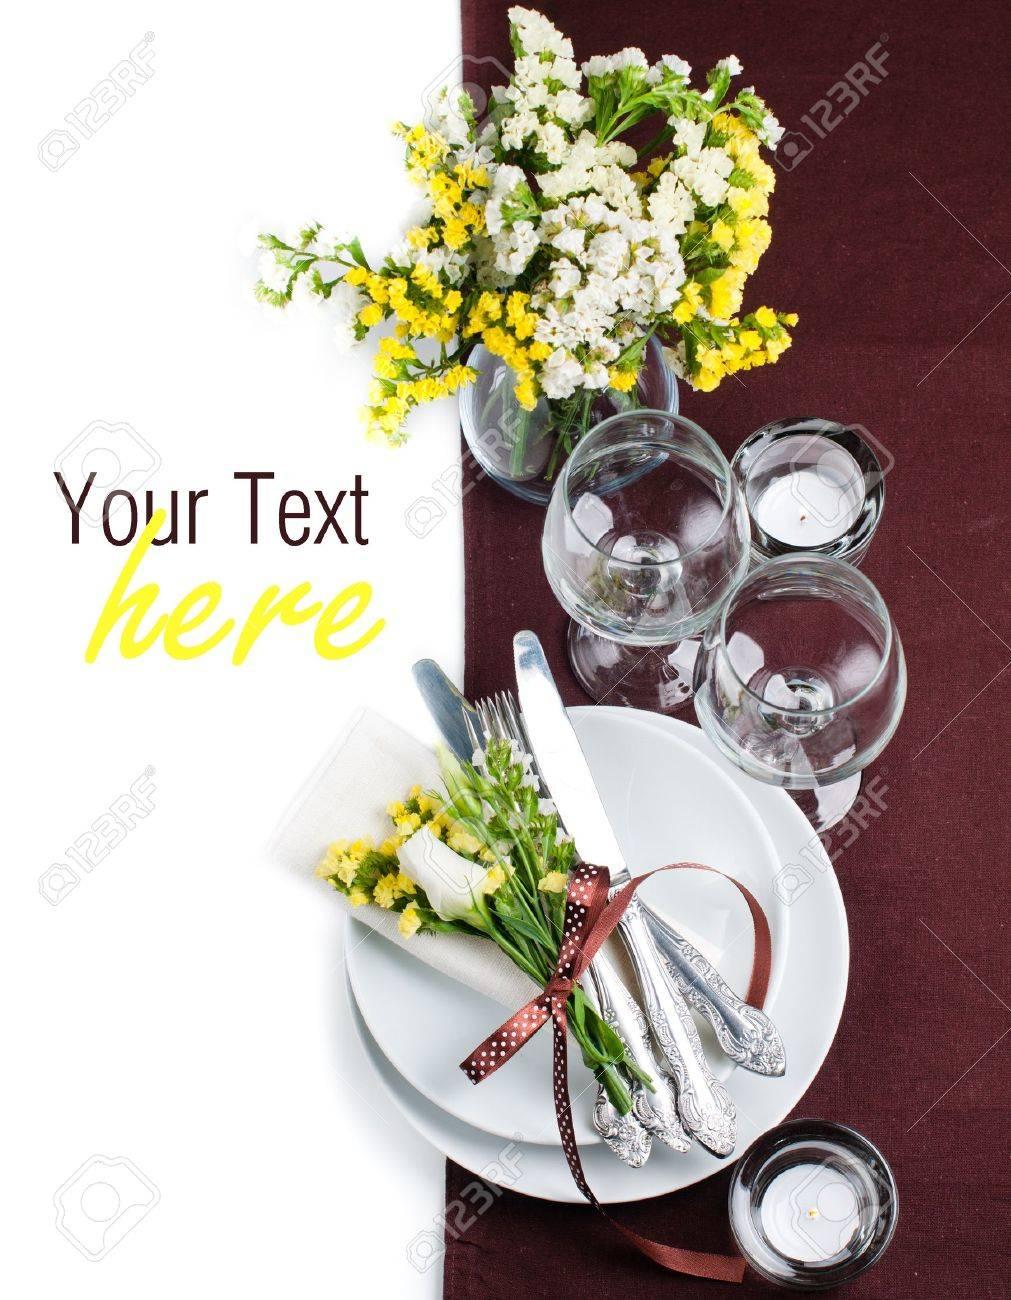 Cadre Et La Decoration De Table De Fete Avec Des Fleurs Fraiches En